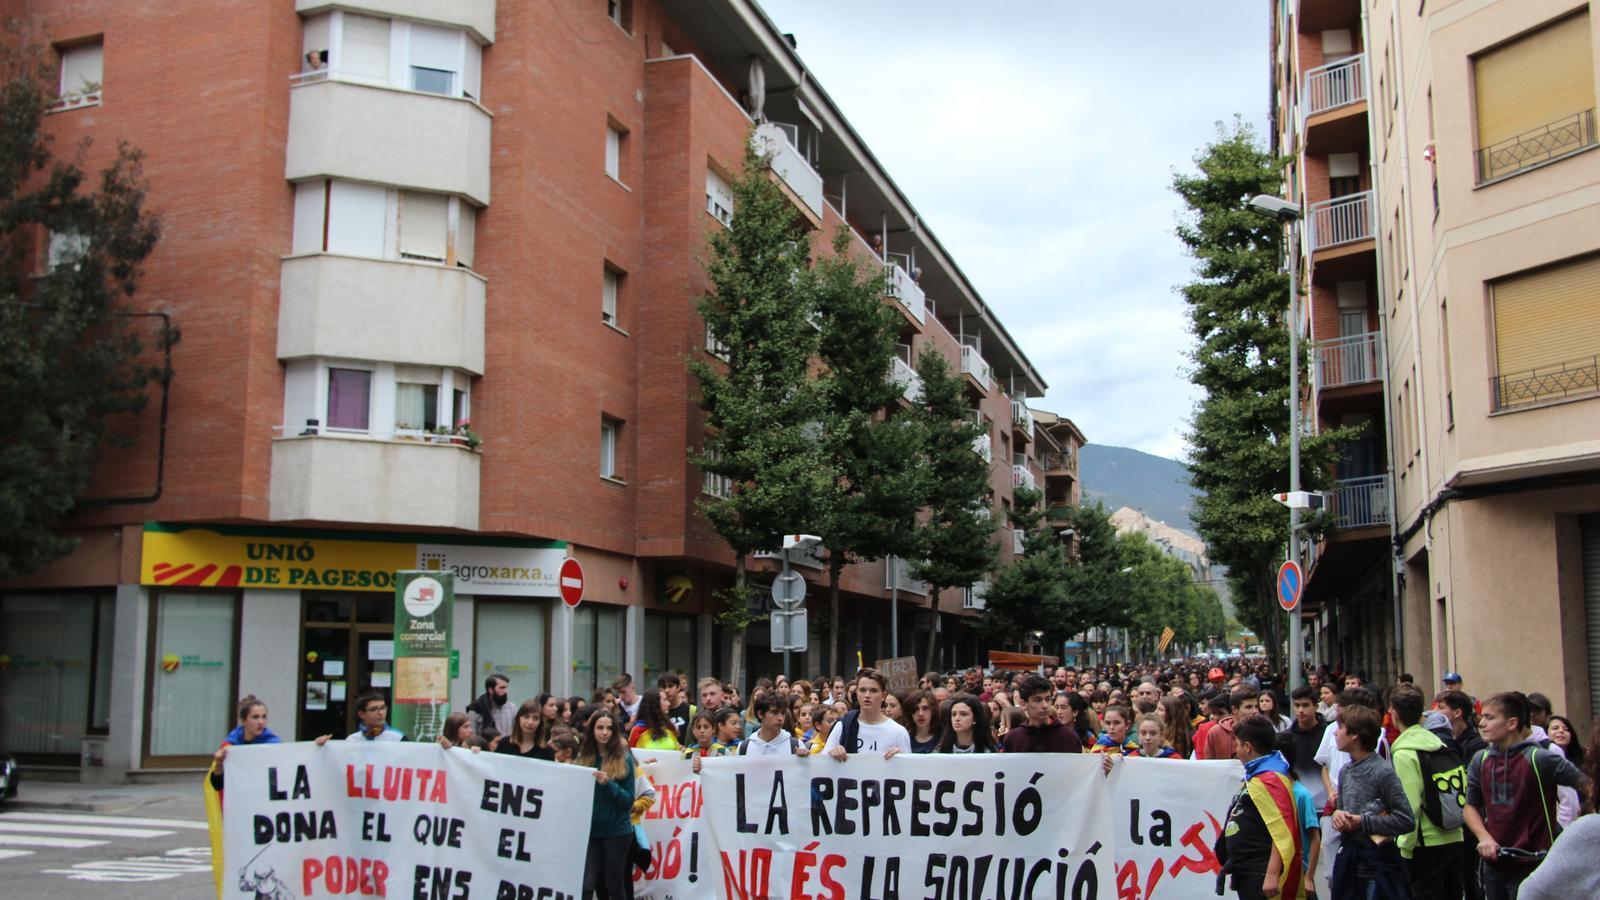 La marxa durant el seu pas per l'avinguda Salòria. / A.S.